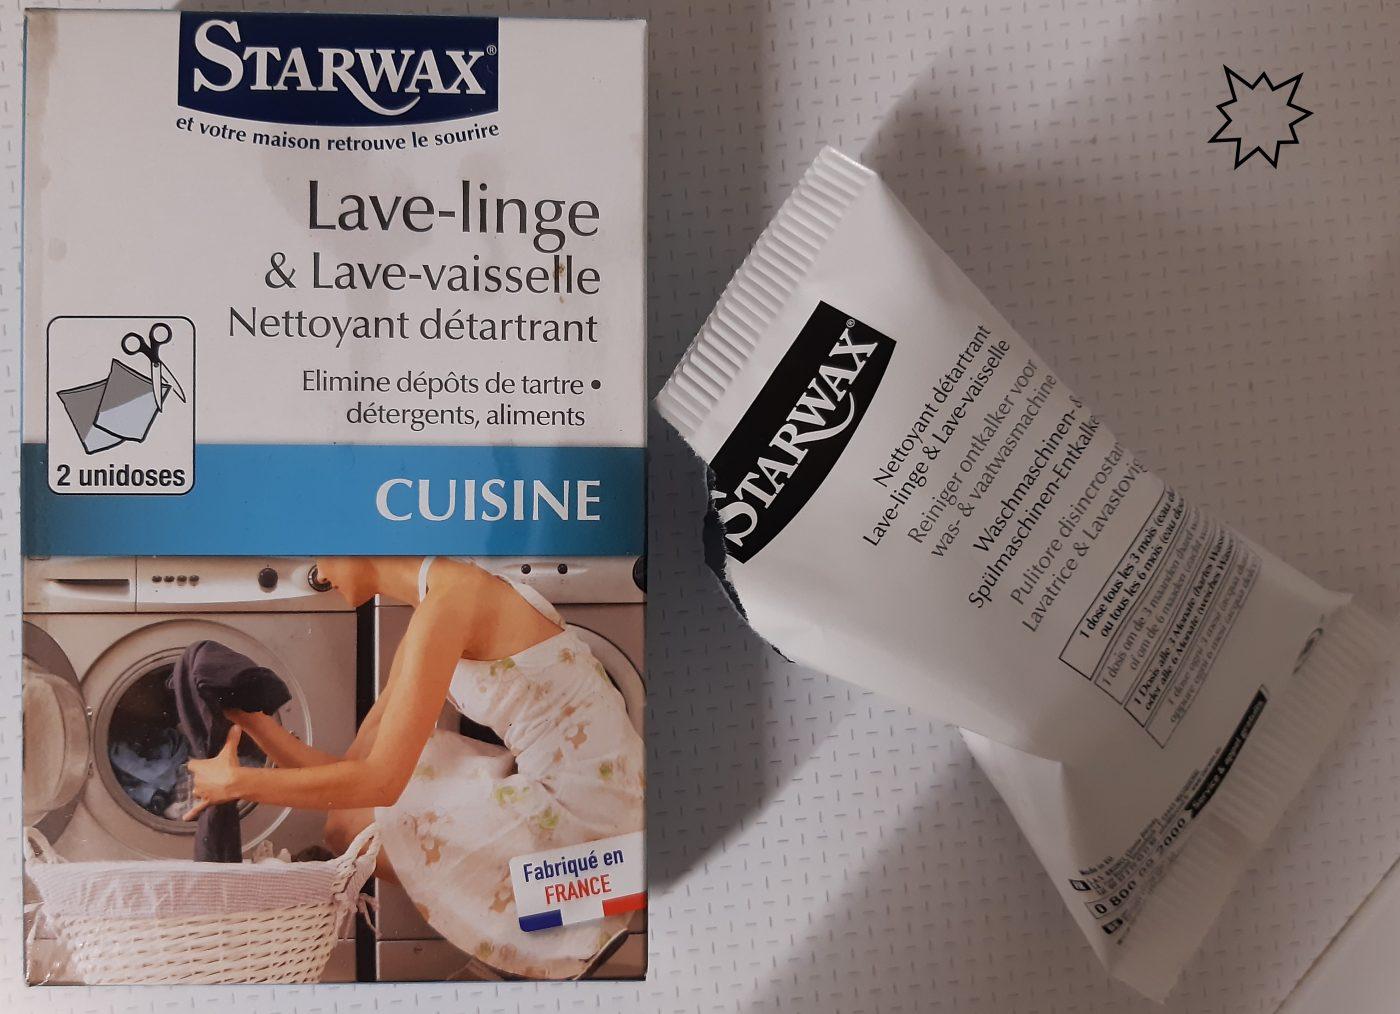 Astuce : garder sa machine à laver / lave vaisselle plus longtemps   STARWAX